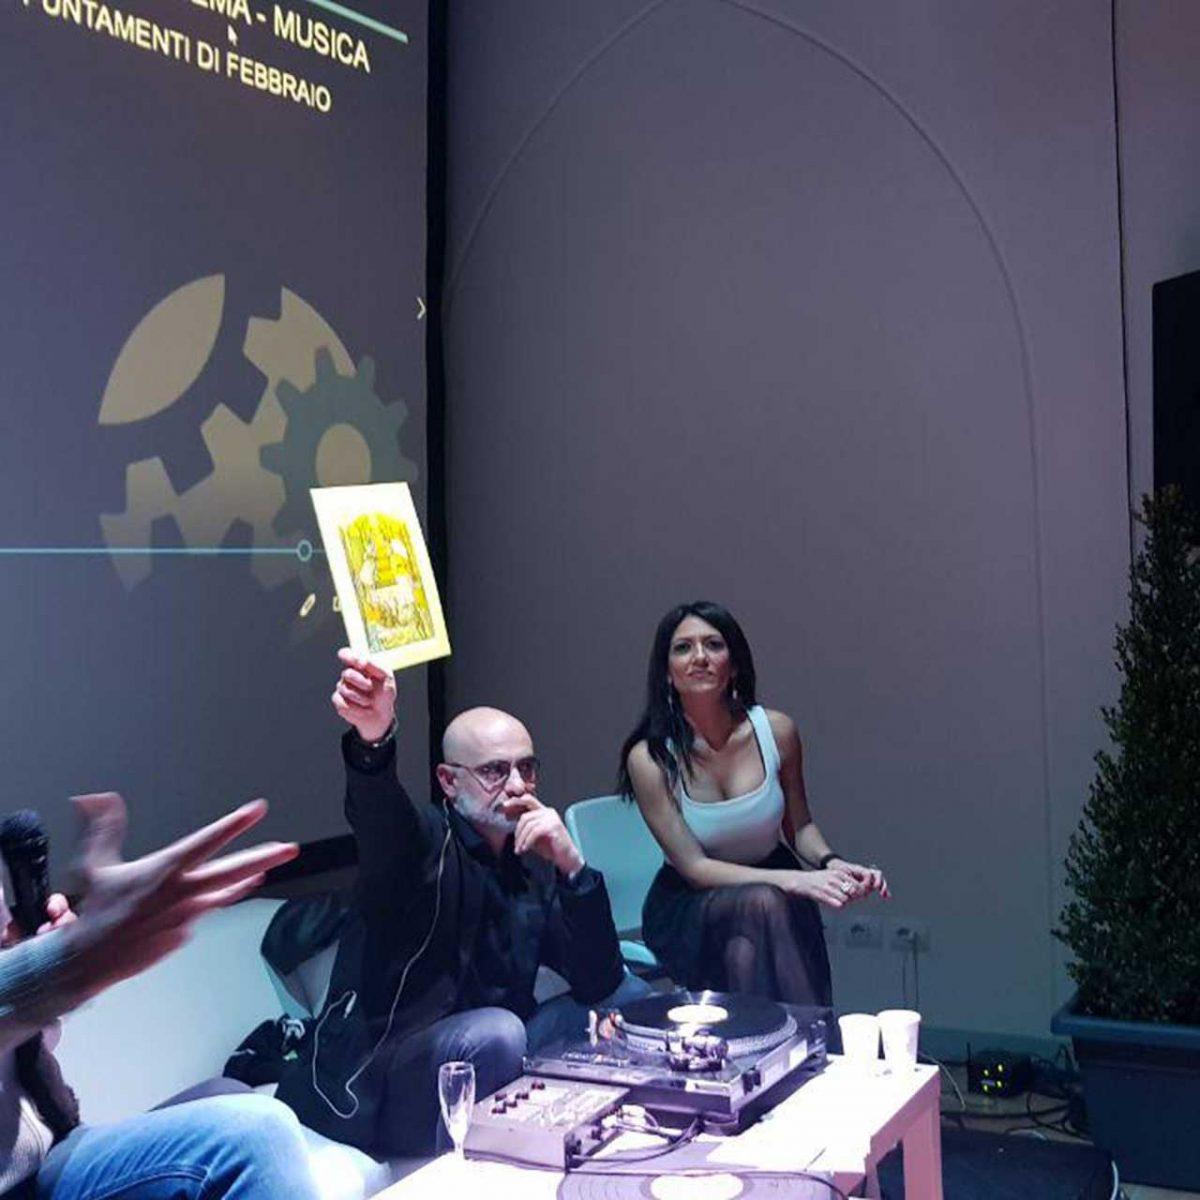 Mi racconto con la musica con Valeria Saggese, Gianpiero Fortunato, Carlo Pecoraro, Andrea Volpe e Mario Maysse